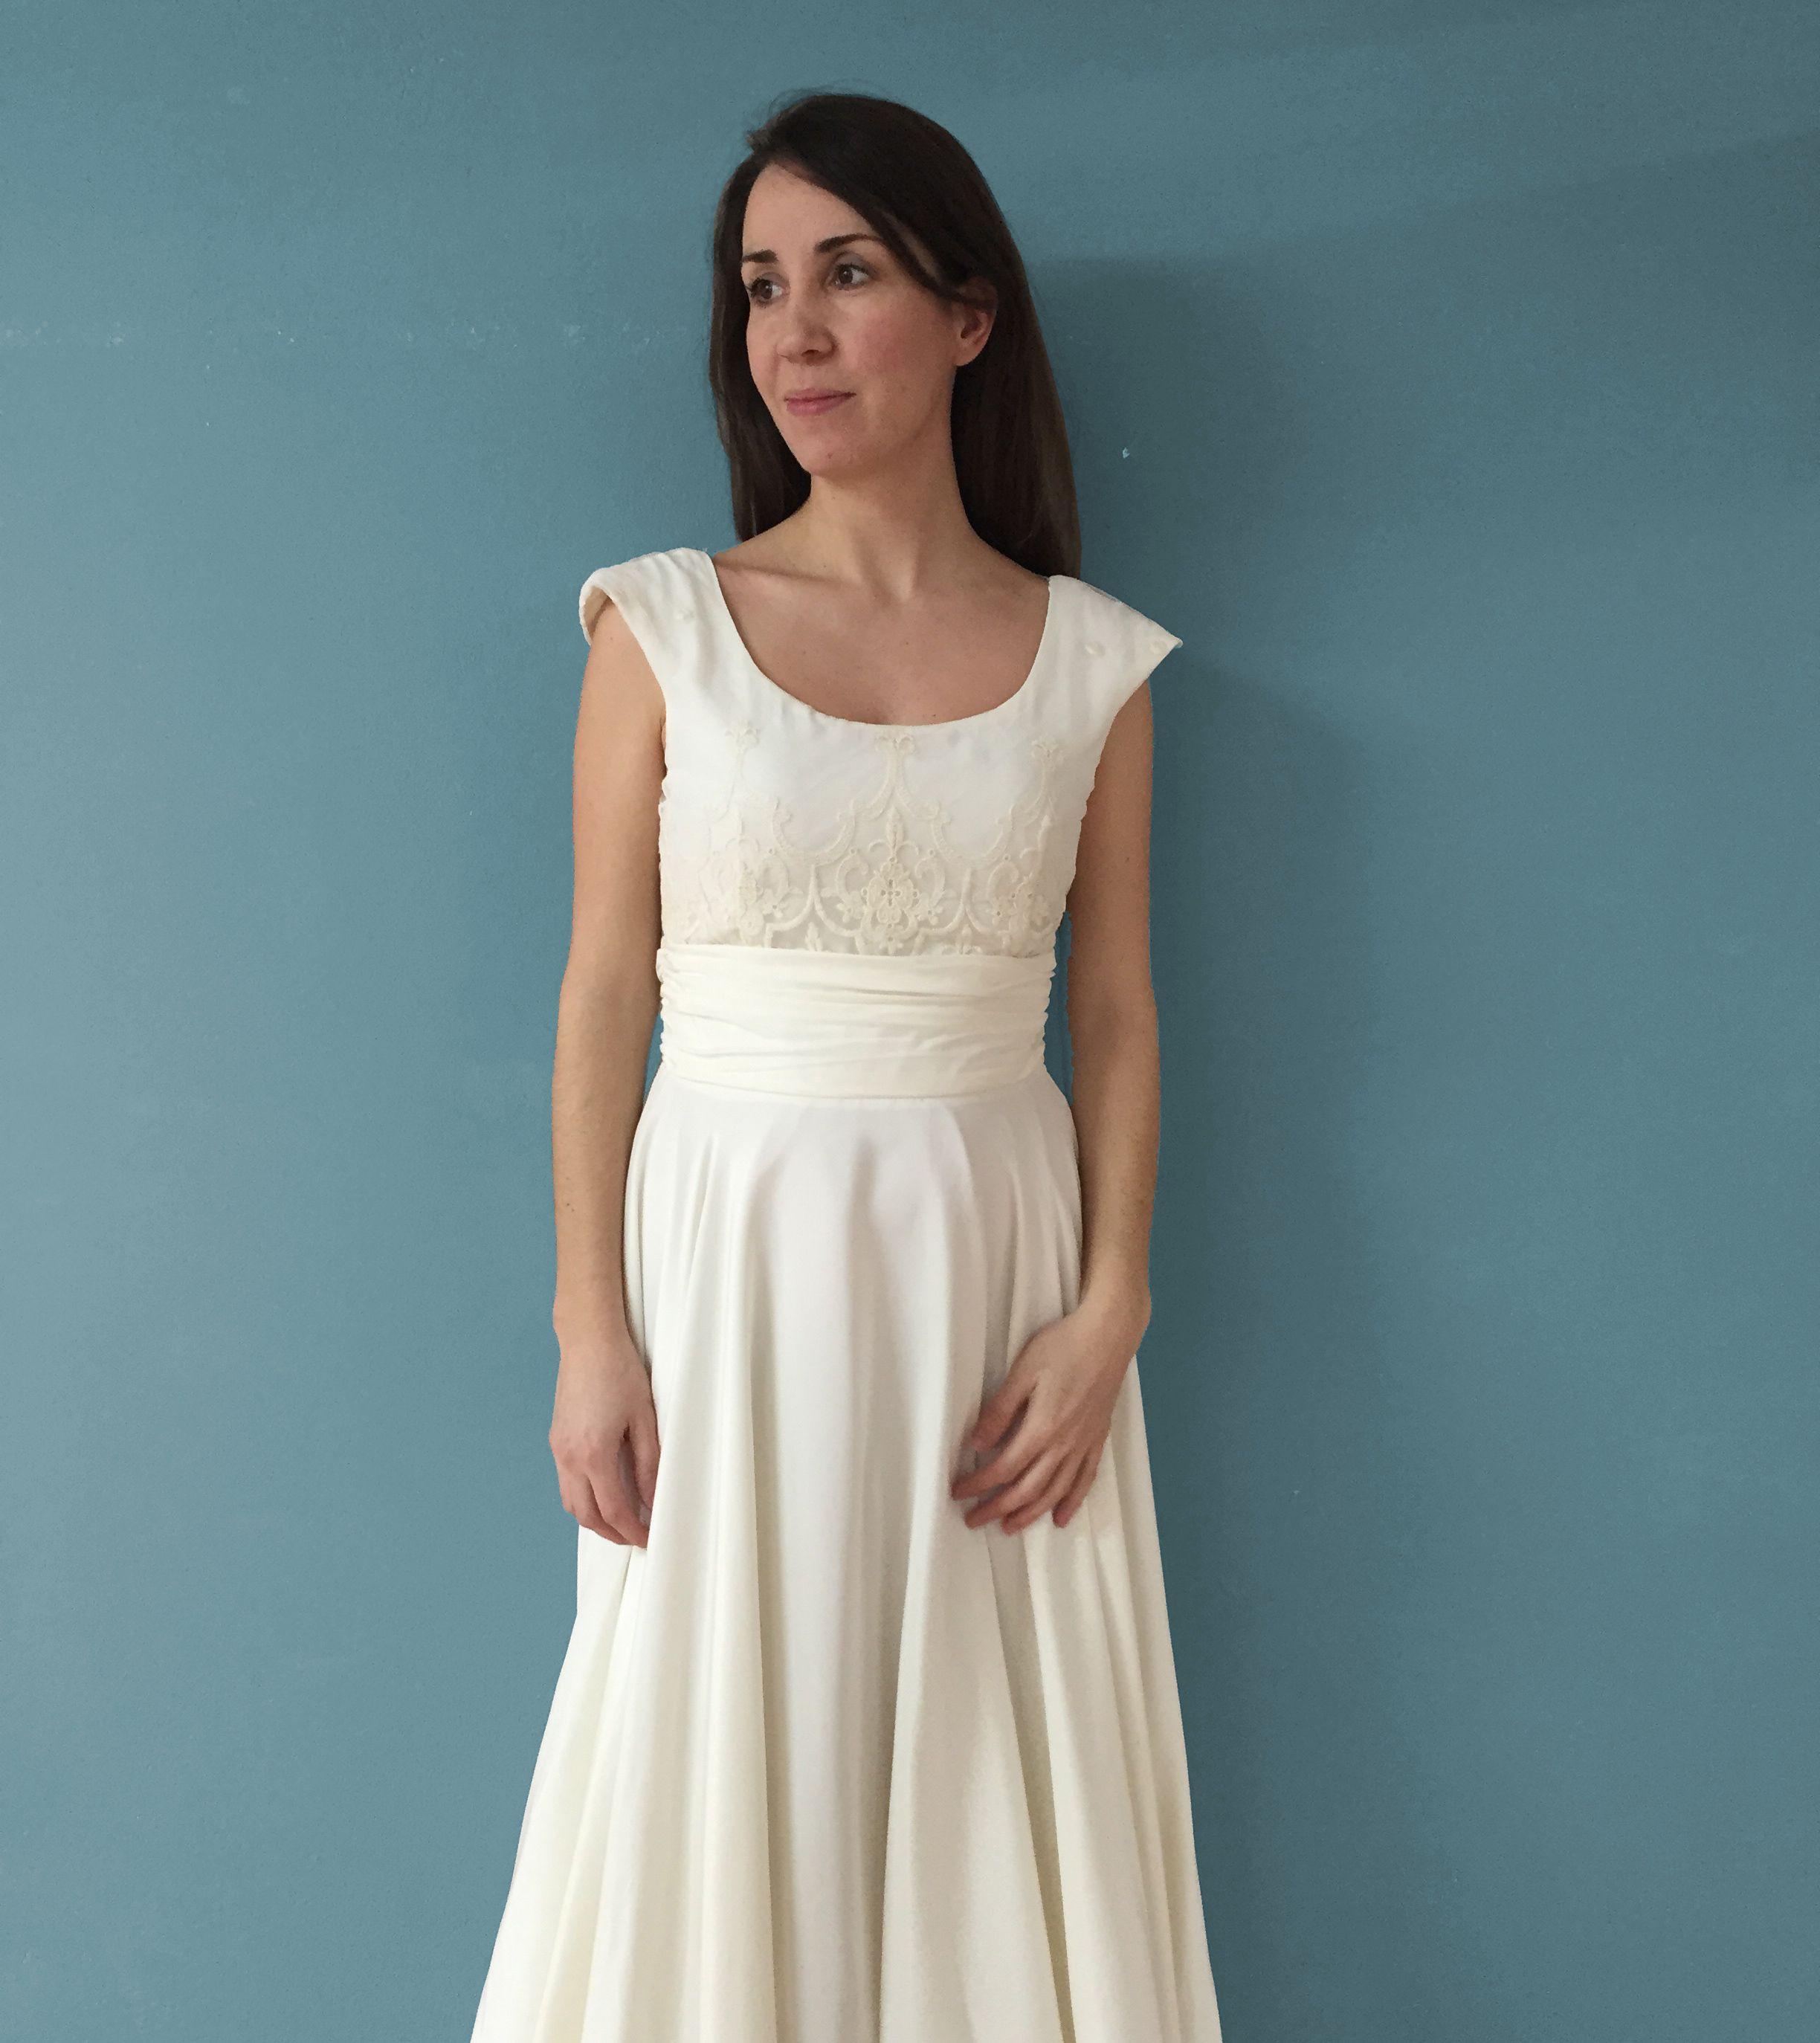 Bridal gown by madame shoushou | Bridal by Madame shoushou ...